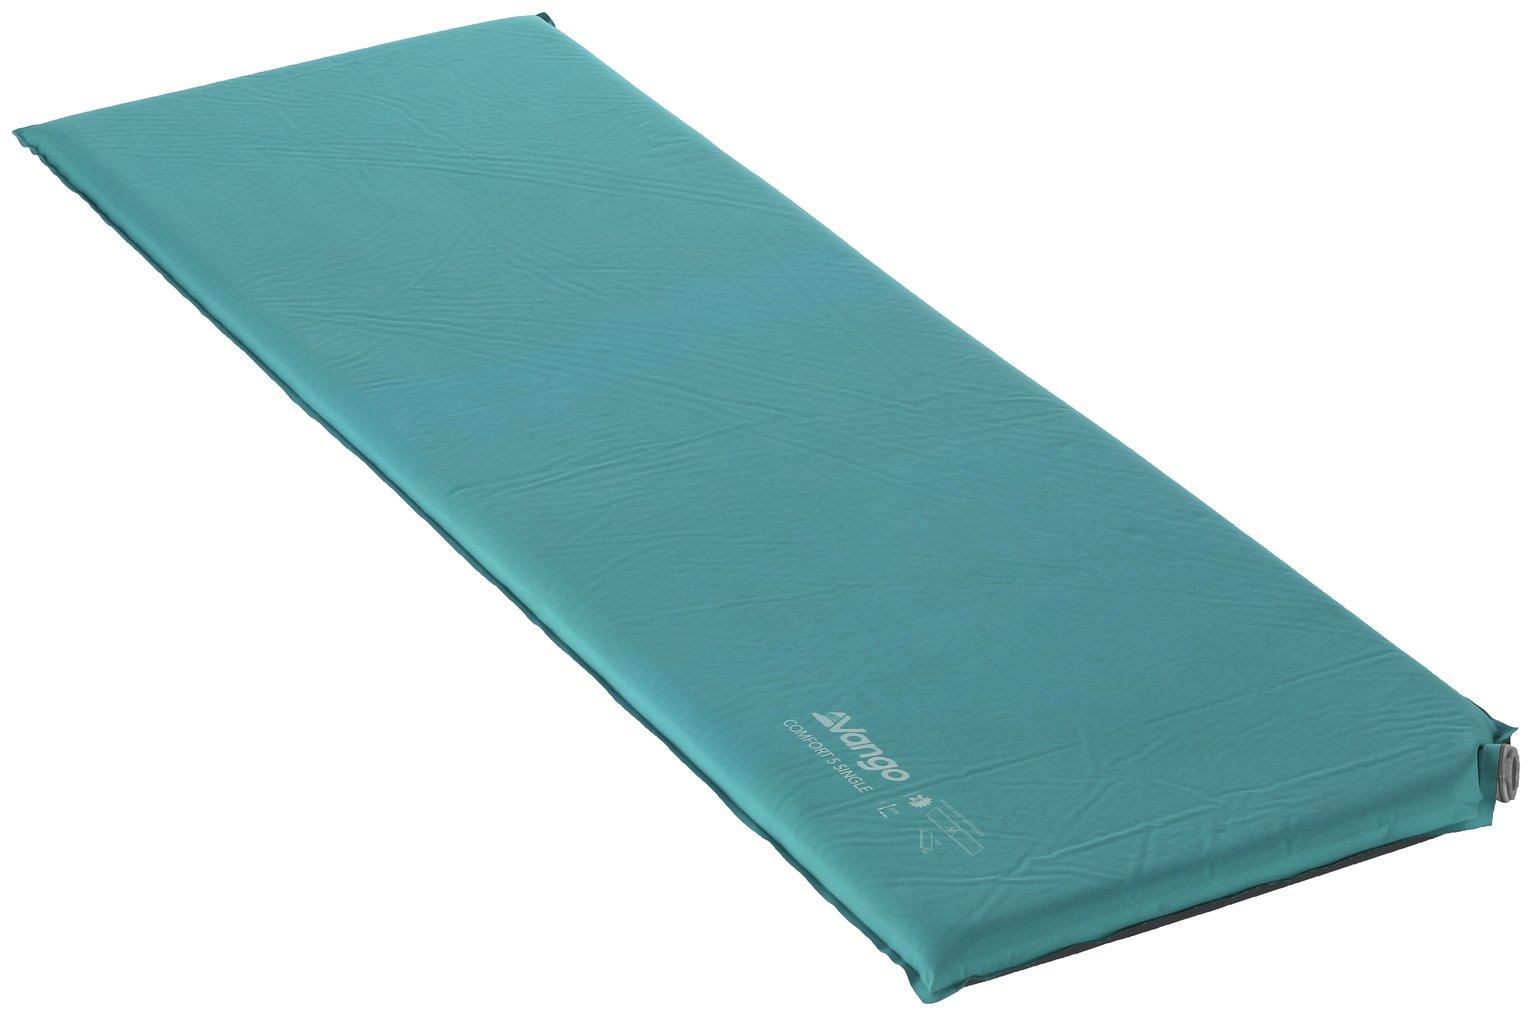 Vango Comfort 5cm Self-Inflating Camping Mat - Single